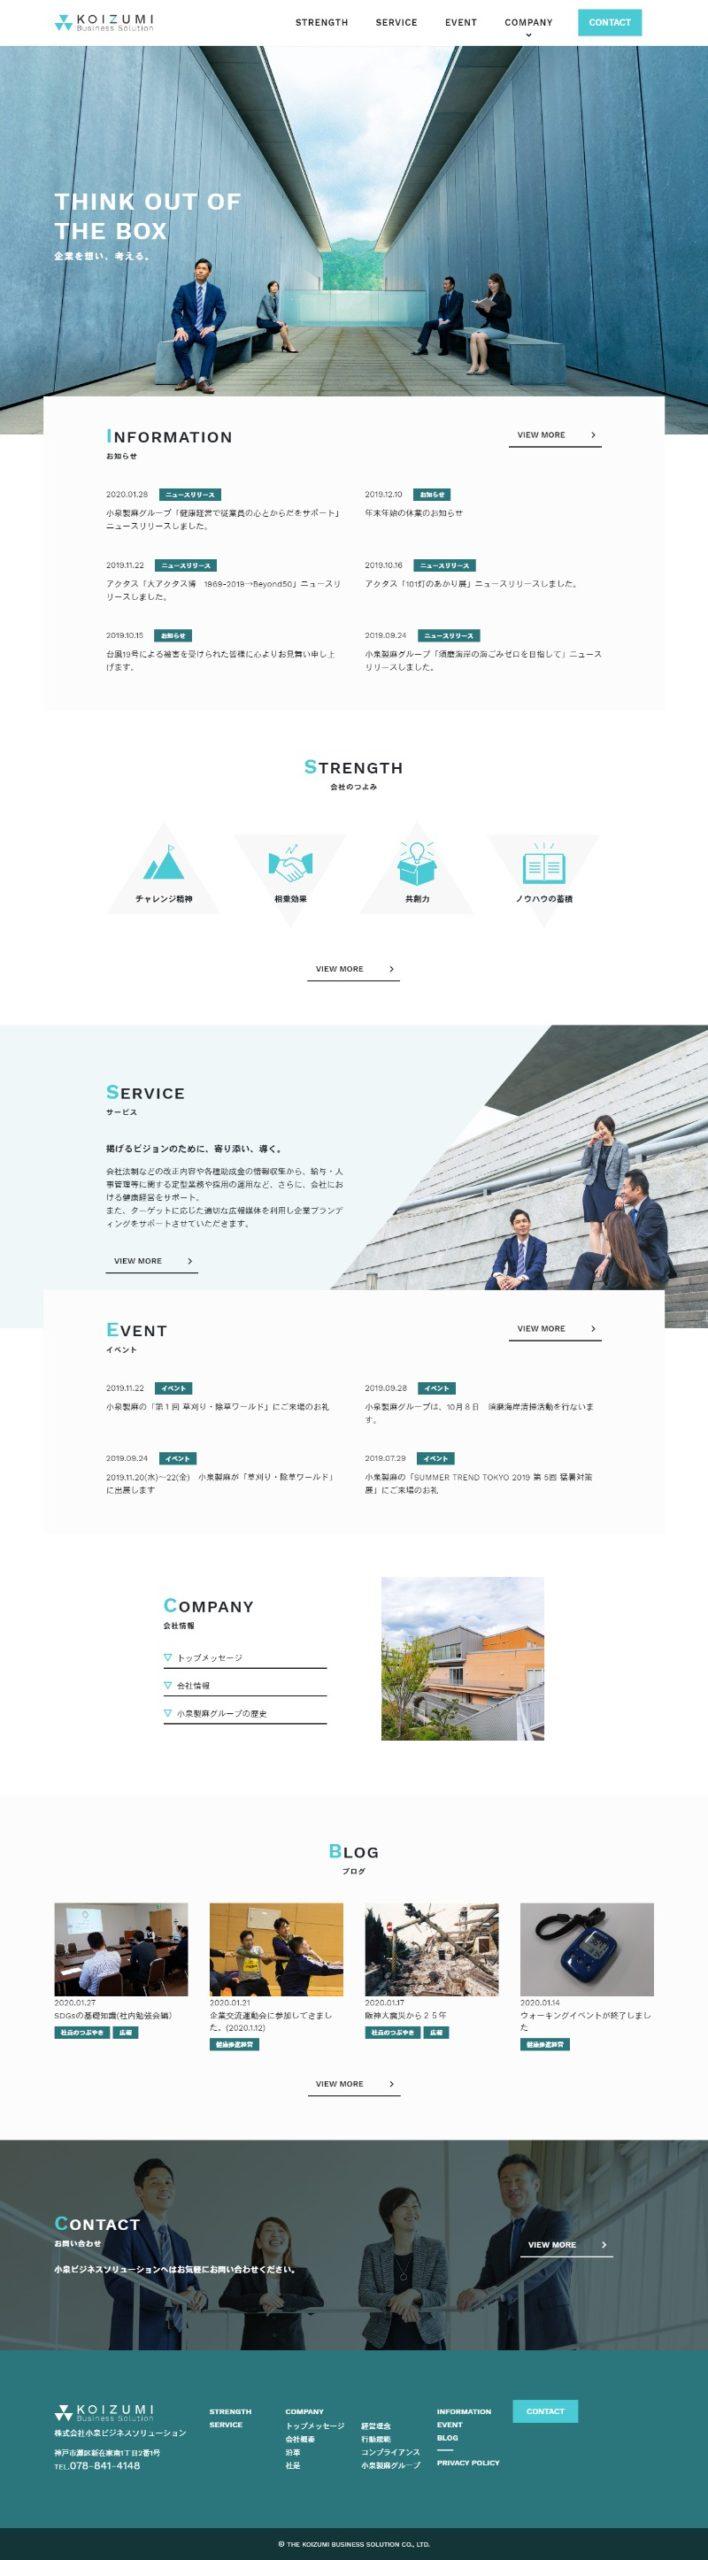 株式会社小泉ビジネスソリューション